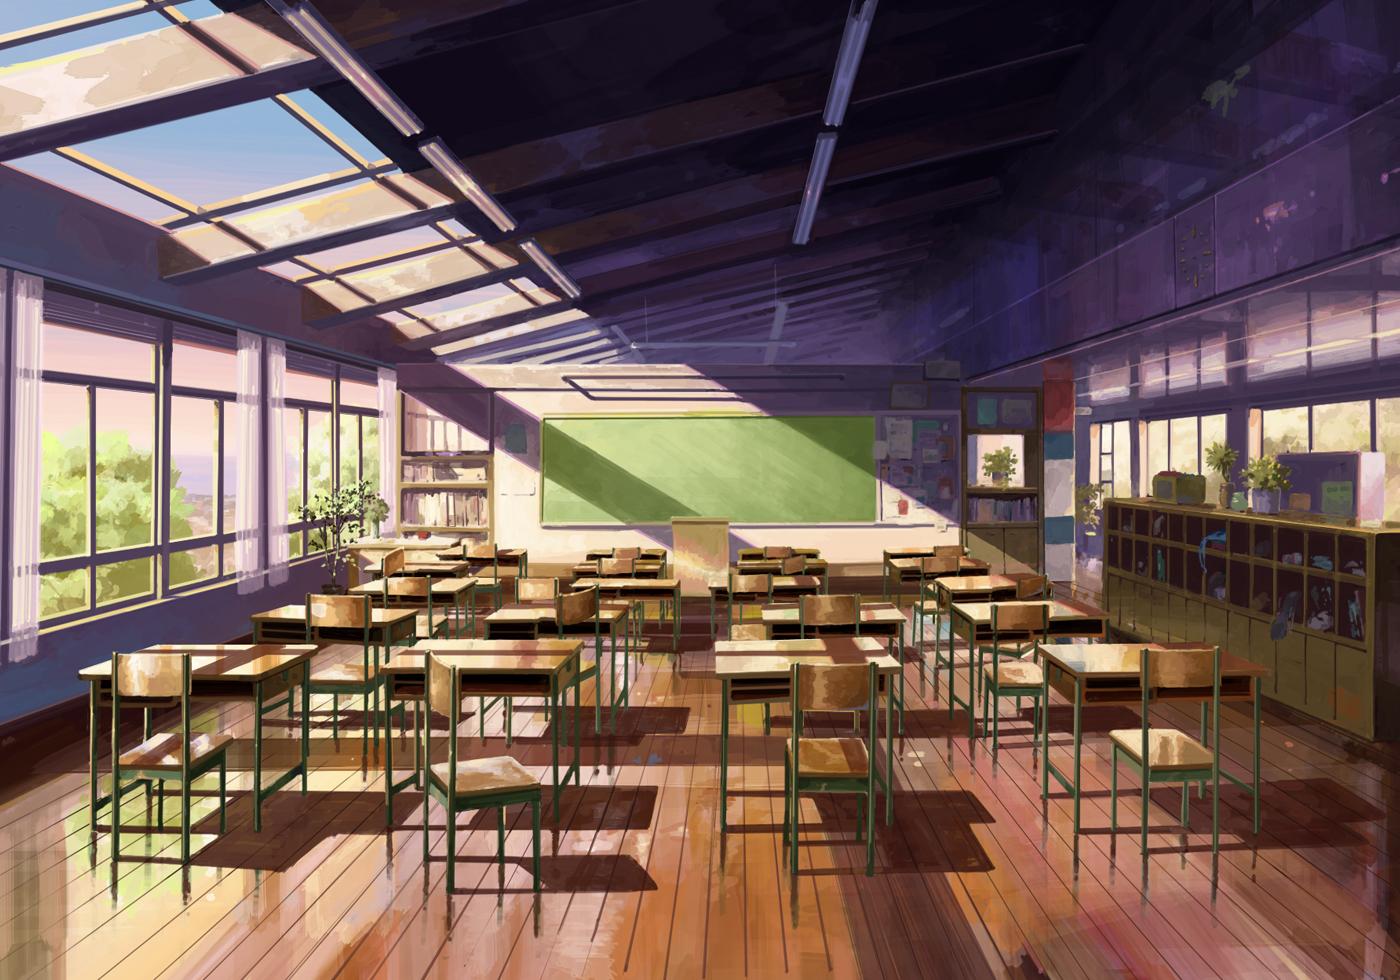 Scenery School Zerochan Anime Image Board